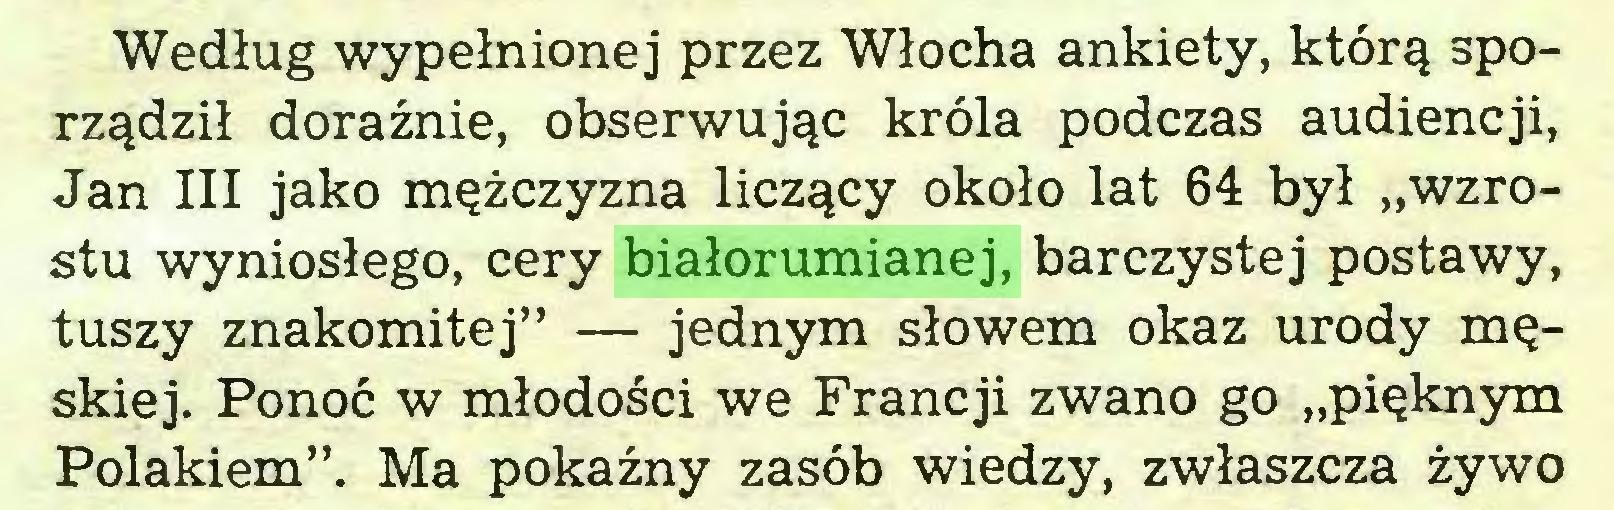 """(...) Według wypełnionej przez Włocha ankiety, którą sporządził doraźnie, obserwując króla podczas audiencji, Jan III jako mężczyzna liczący około lat 64 był """"wzrostu wyniosłego, cery białorumianej, barczystej postawy, tuszy znakomitej"""" — jednym słowem okaz urody męskiej. Ponoć w młodości we Francji zwano go """"pięknym Polakiem"""". Ma pokaźny zasób wiedzy, zwłaszcza żywo..."""